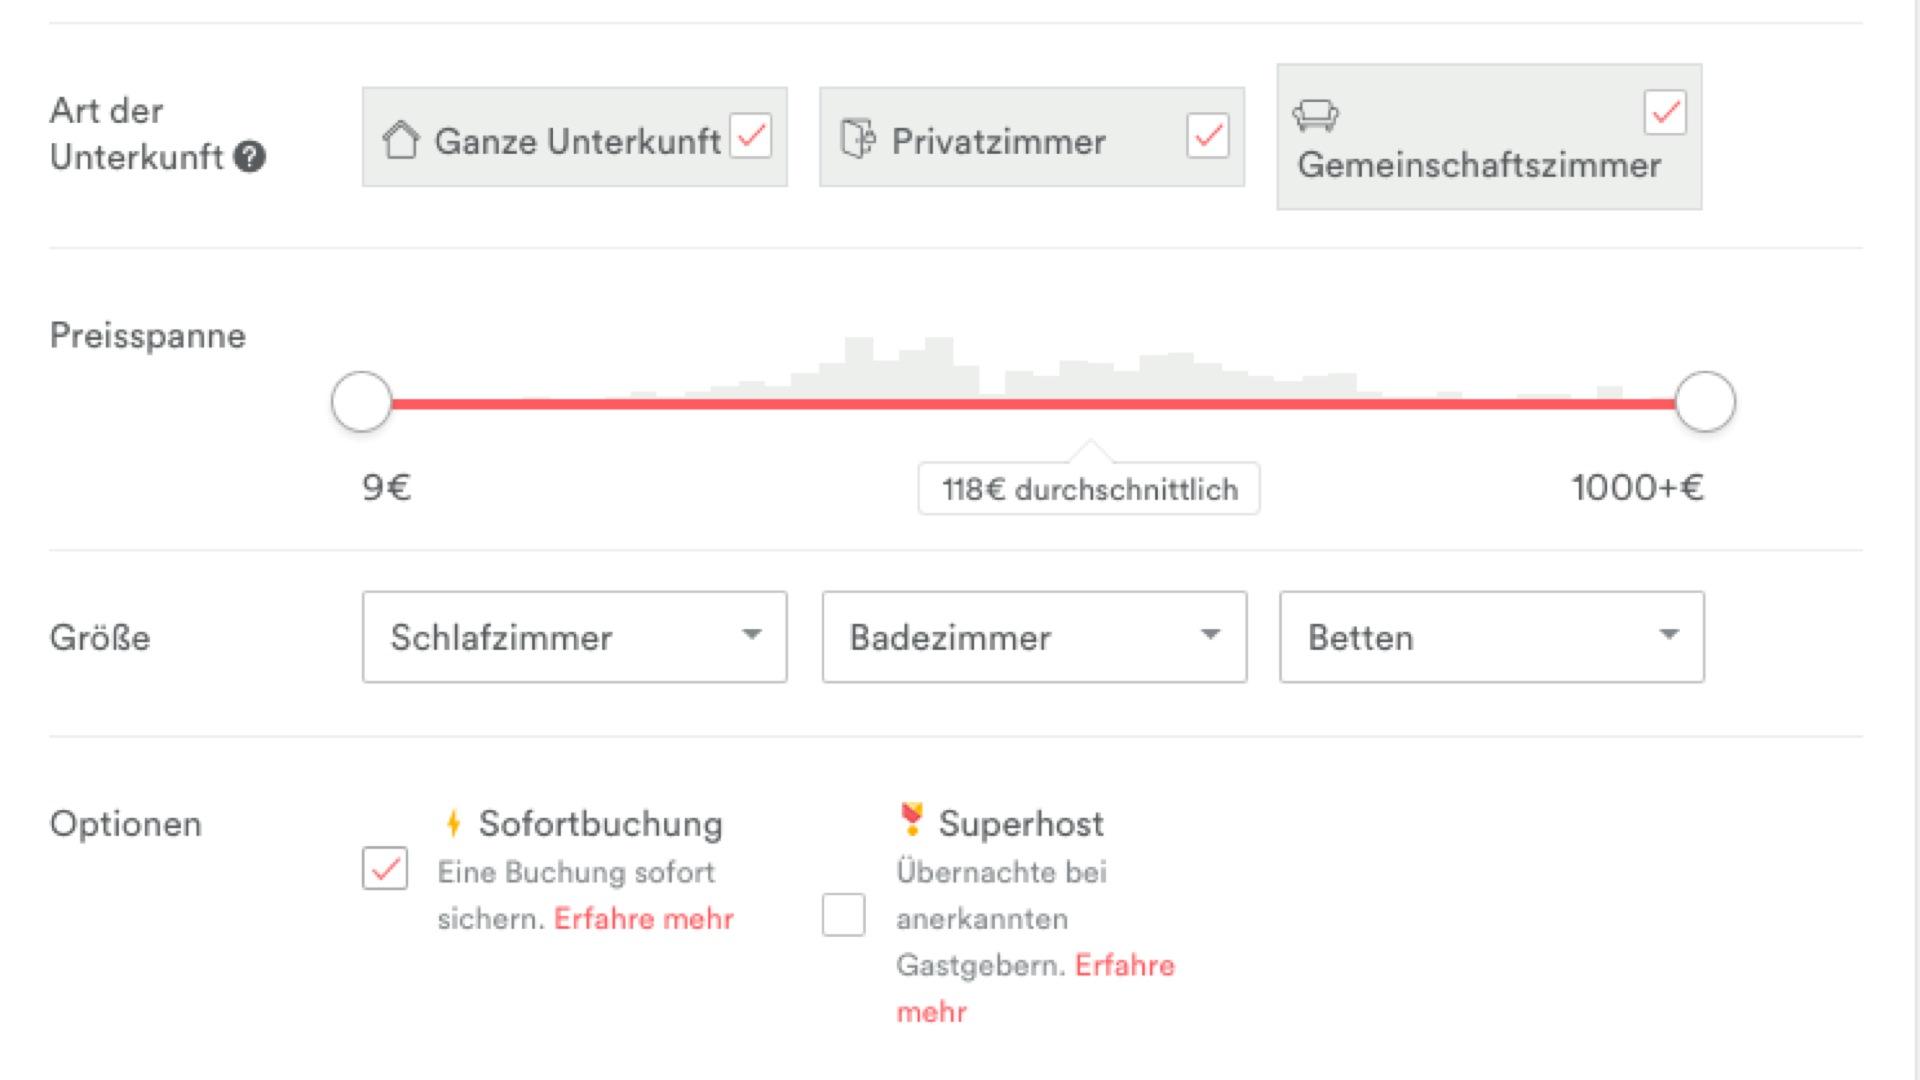 Airbnb - Auswahlbildschirm mit Sofortbuchung